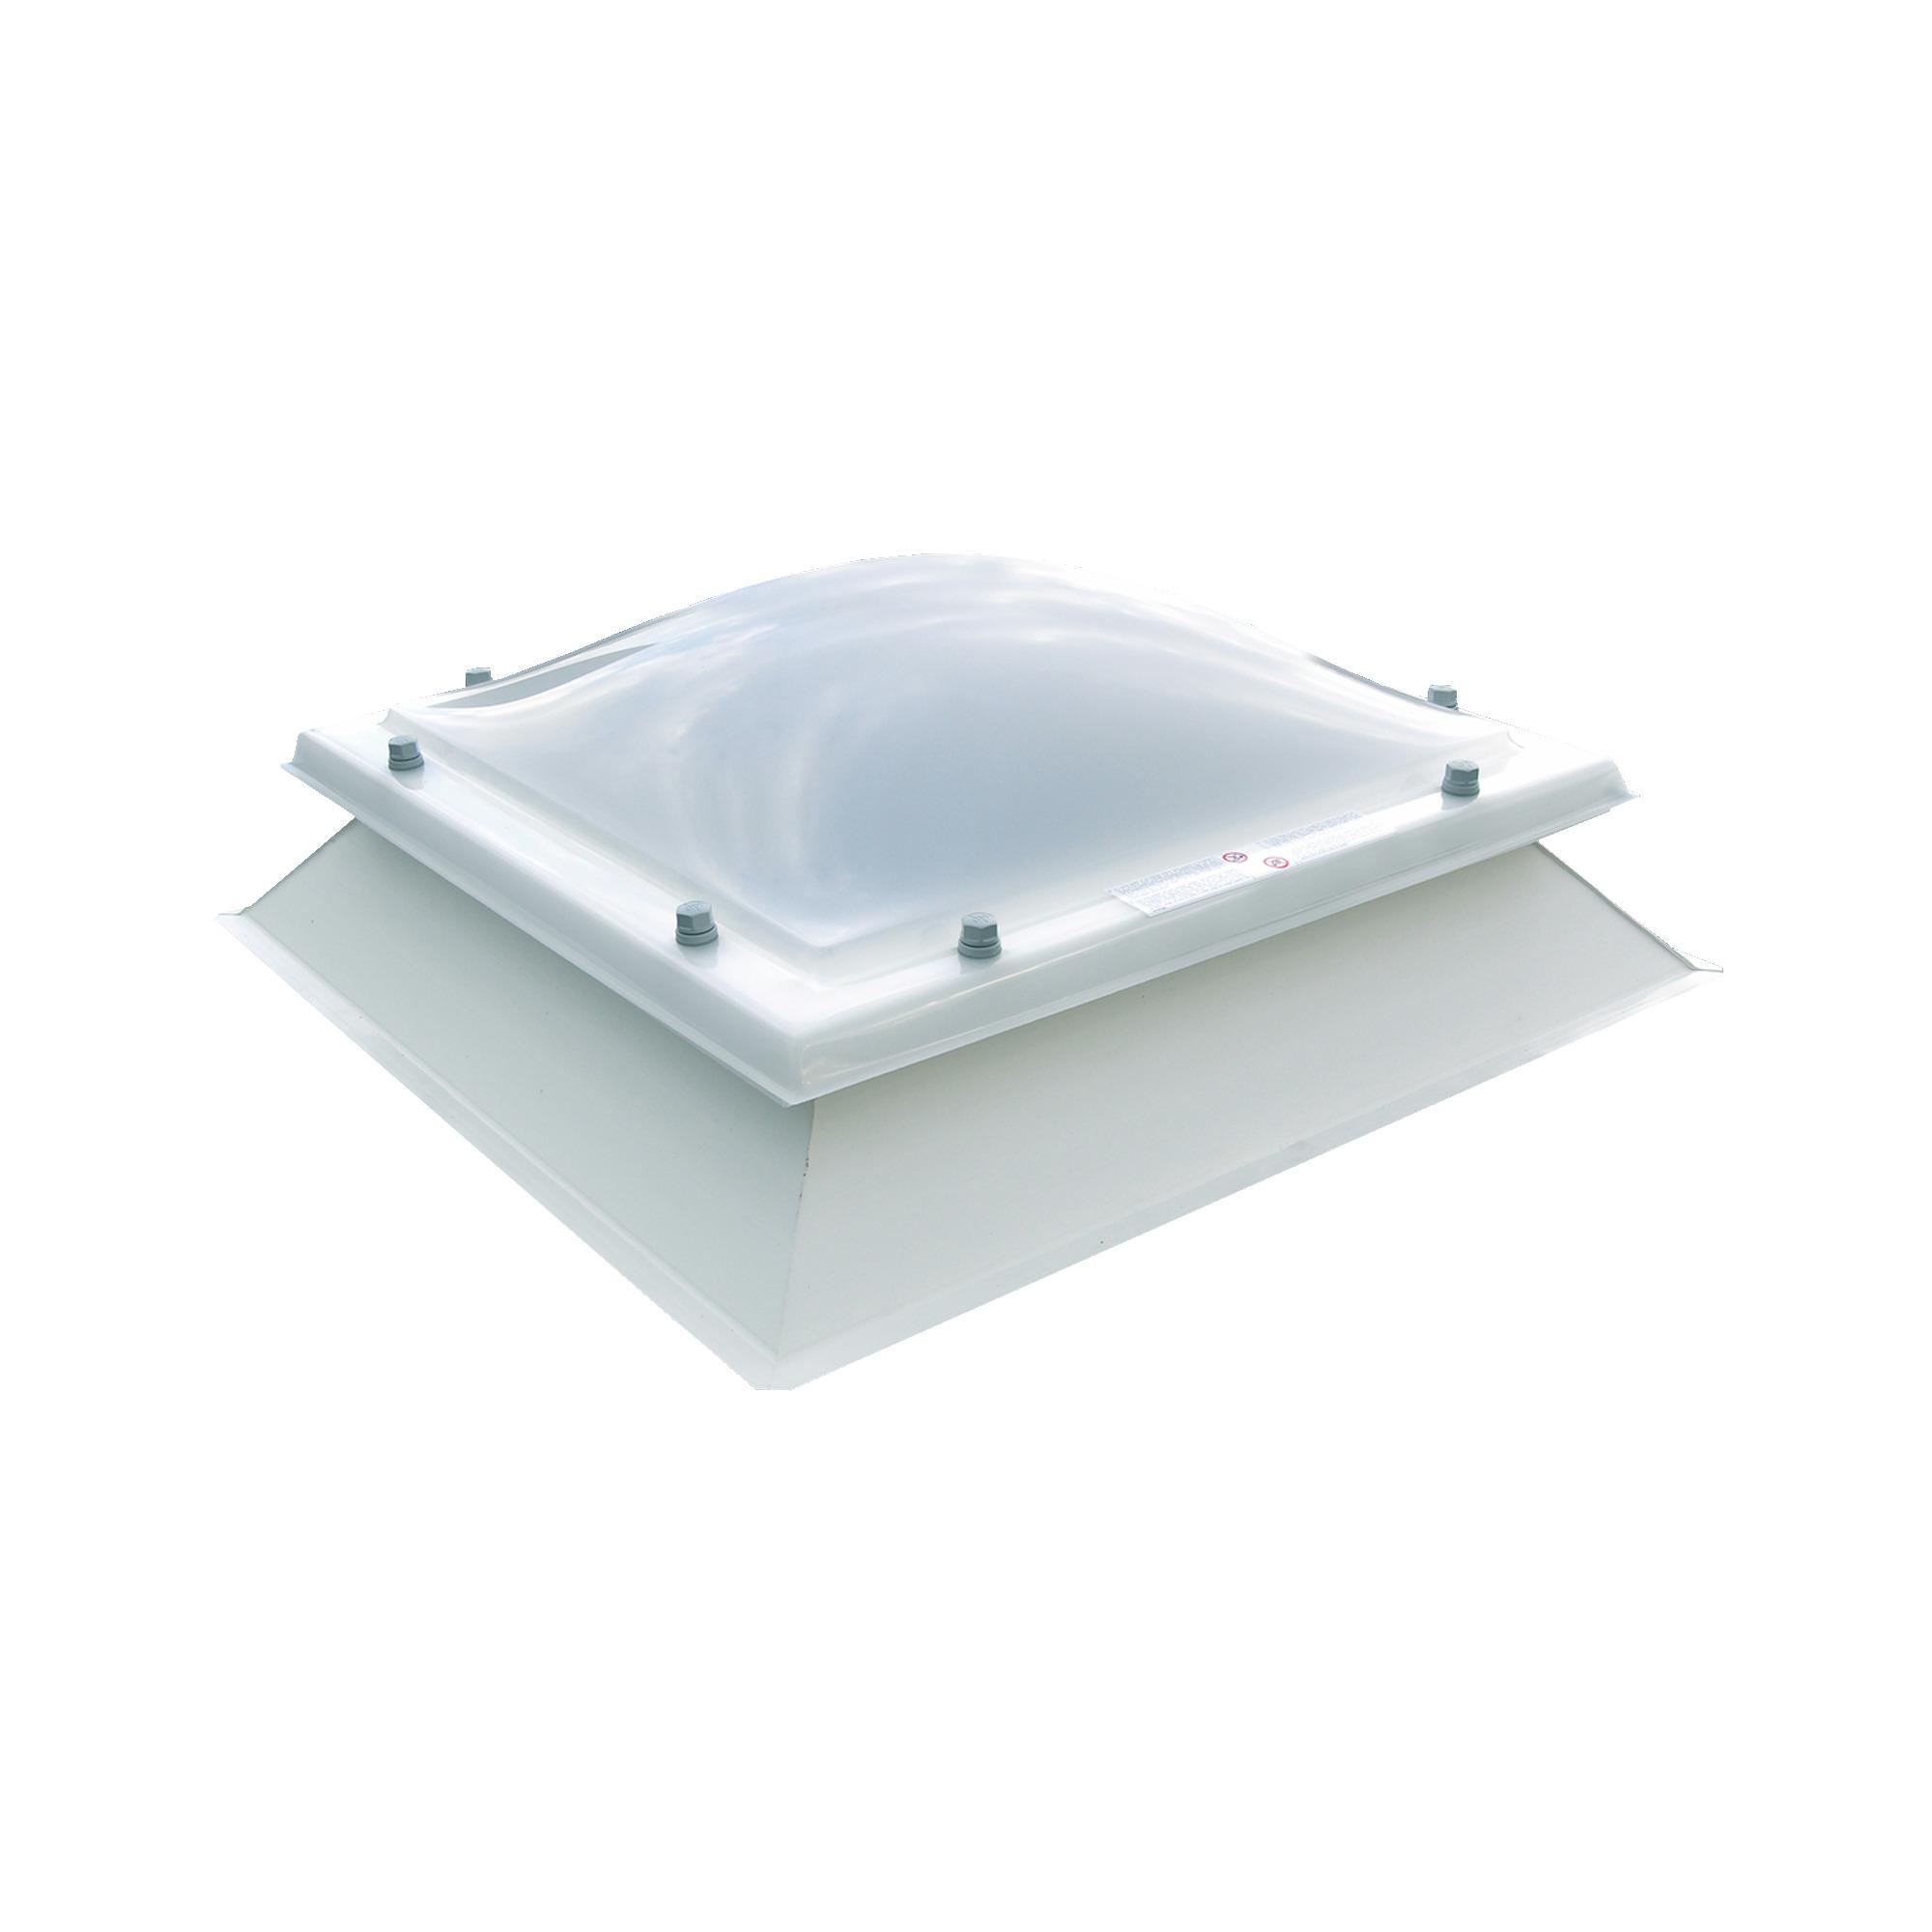 Coupole et embase 86x86 cm fen tres de toit de grenier for Gamma porte et fenetre